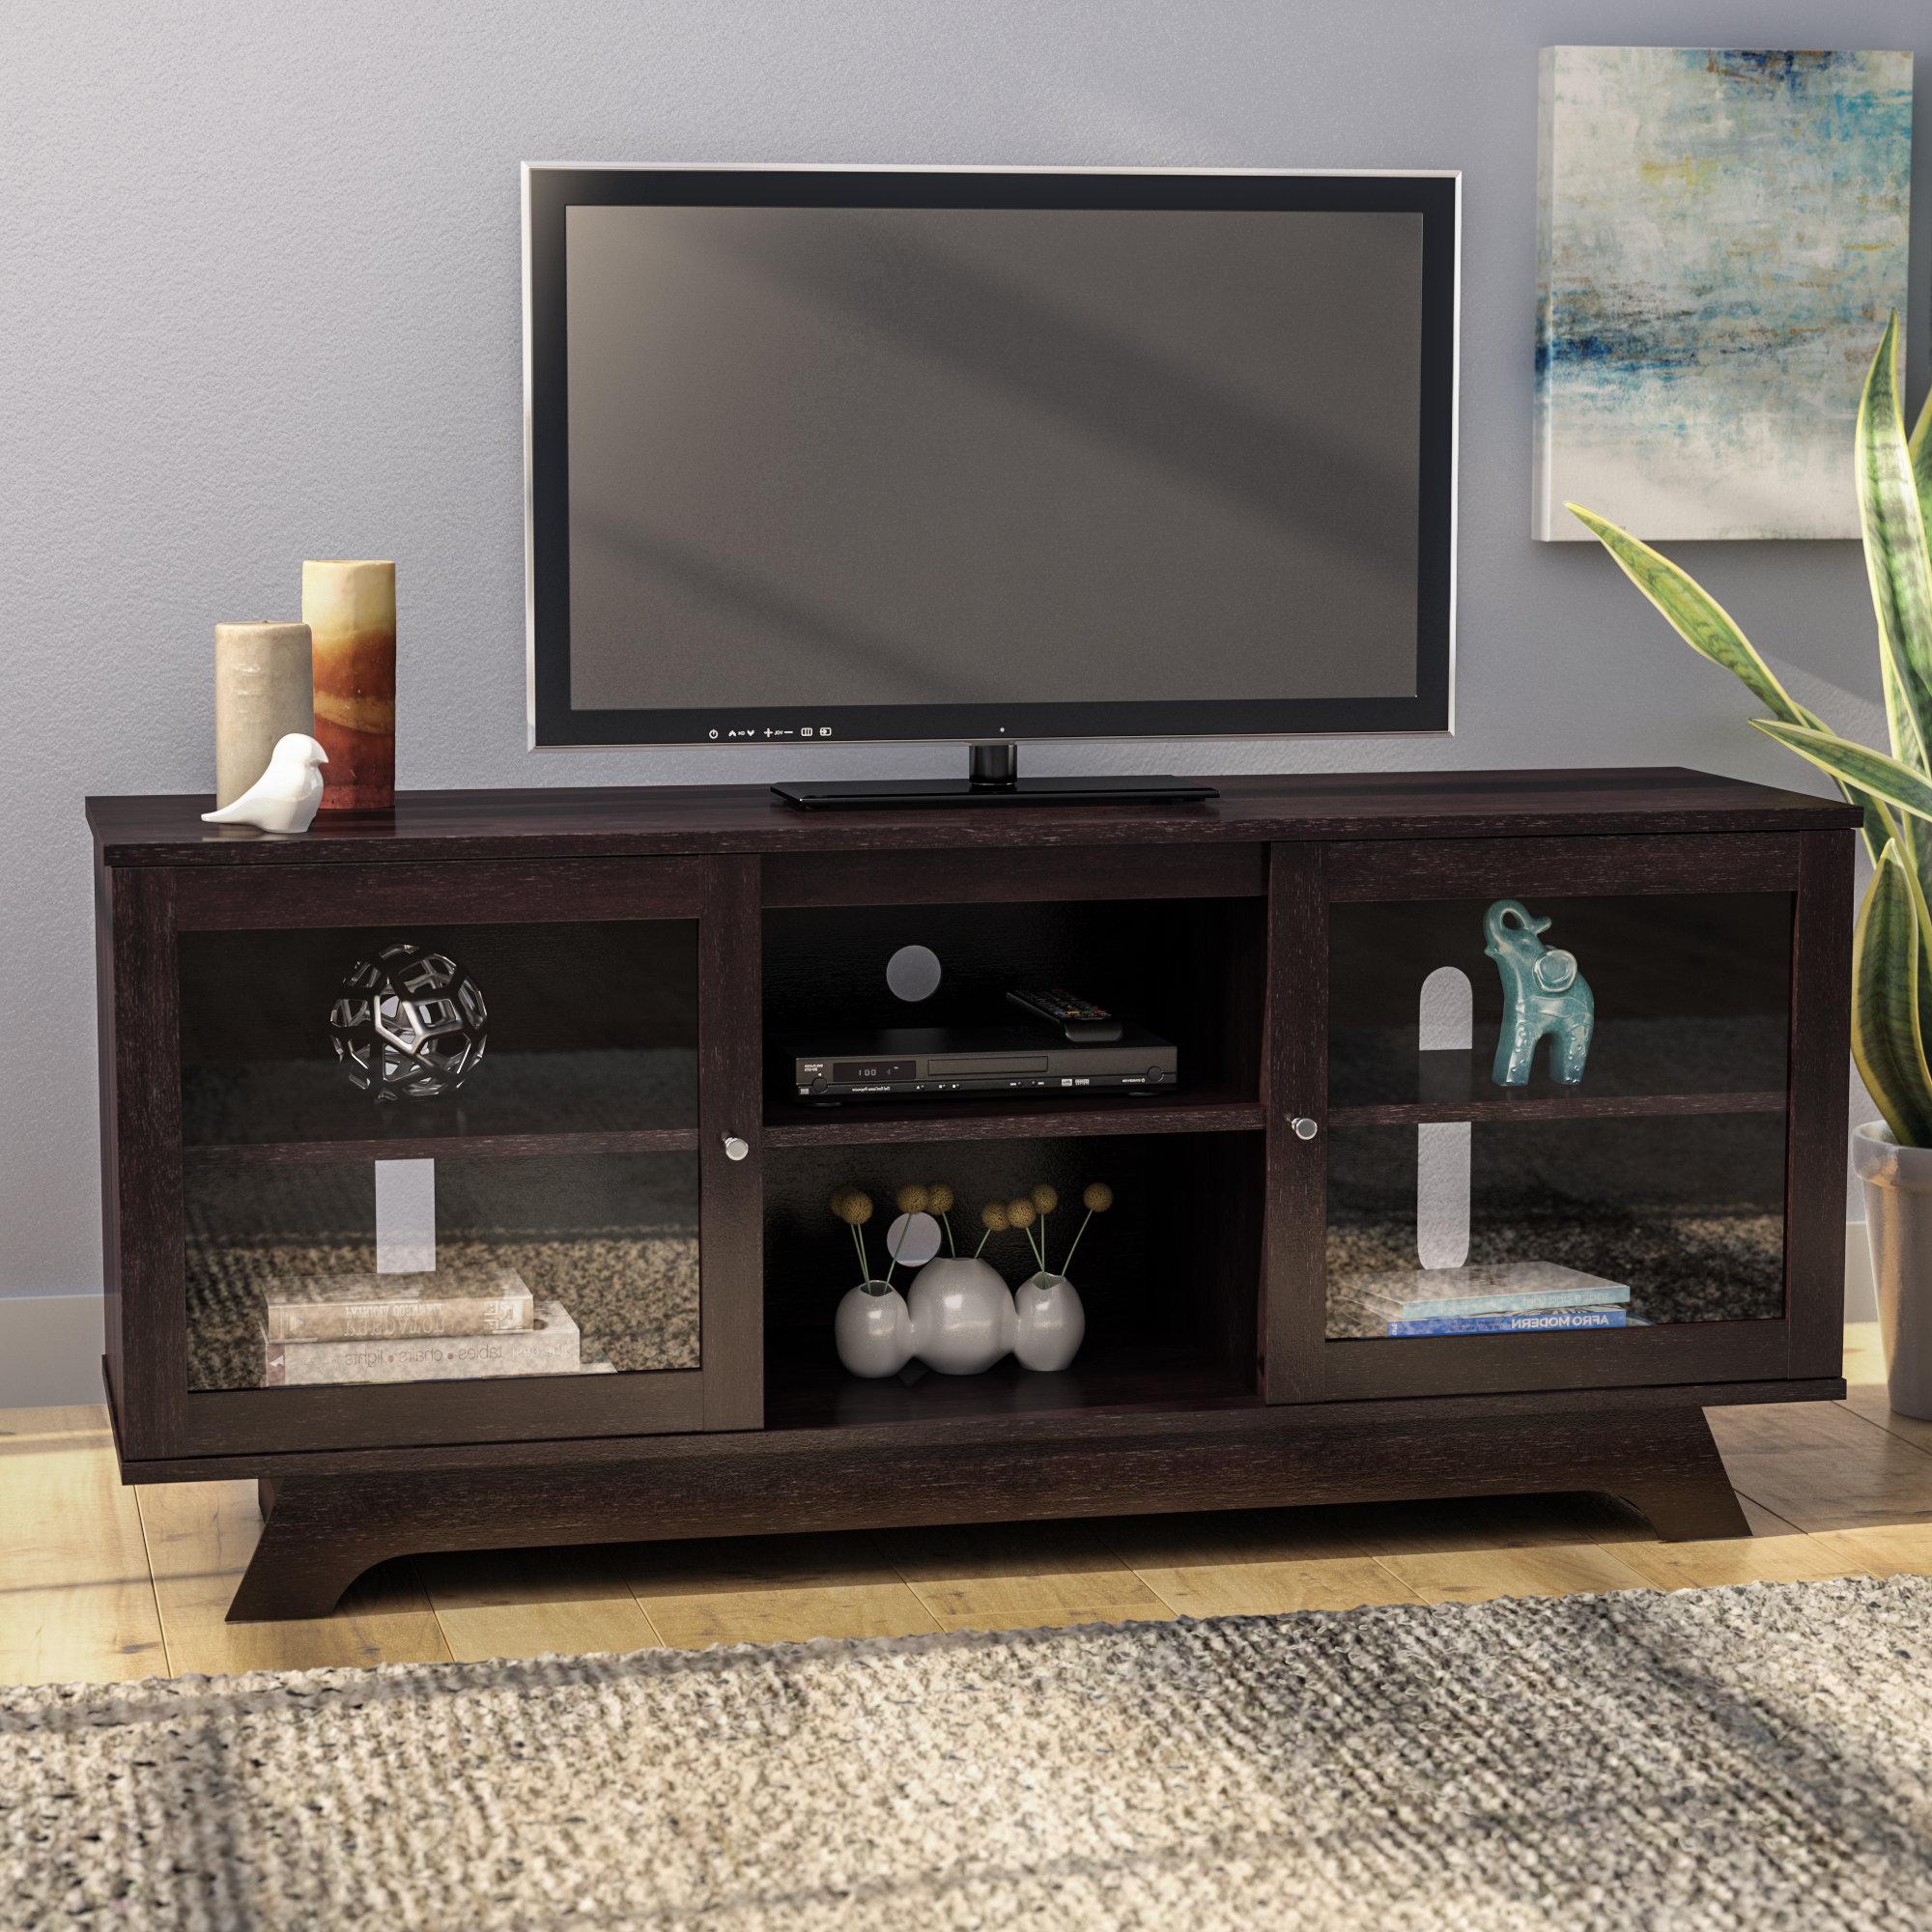 72 Inch Tv Stand | Wayfair Regarding Kenzie 60 Inch Open Display Tv Stands (Gallery 15 of 20)